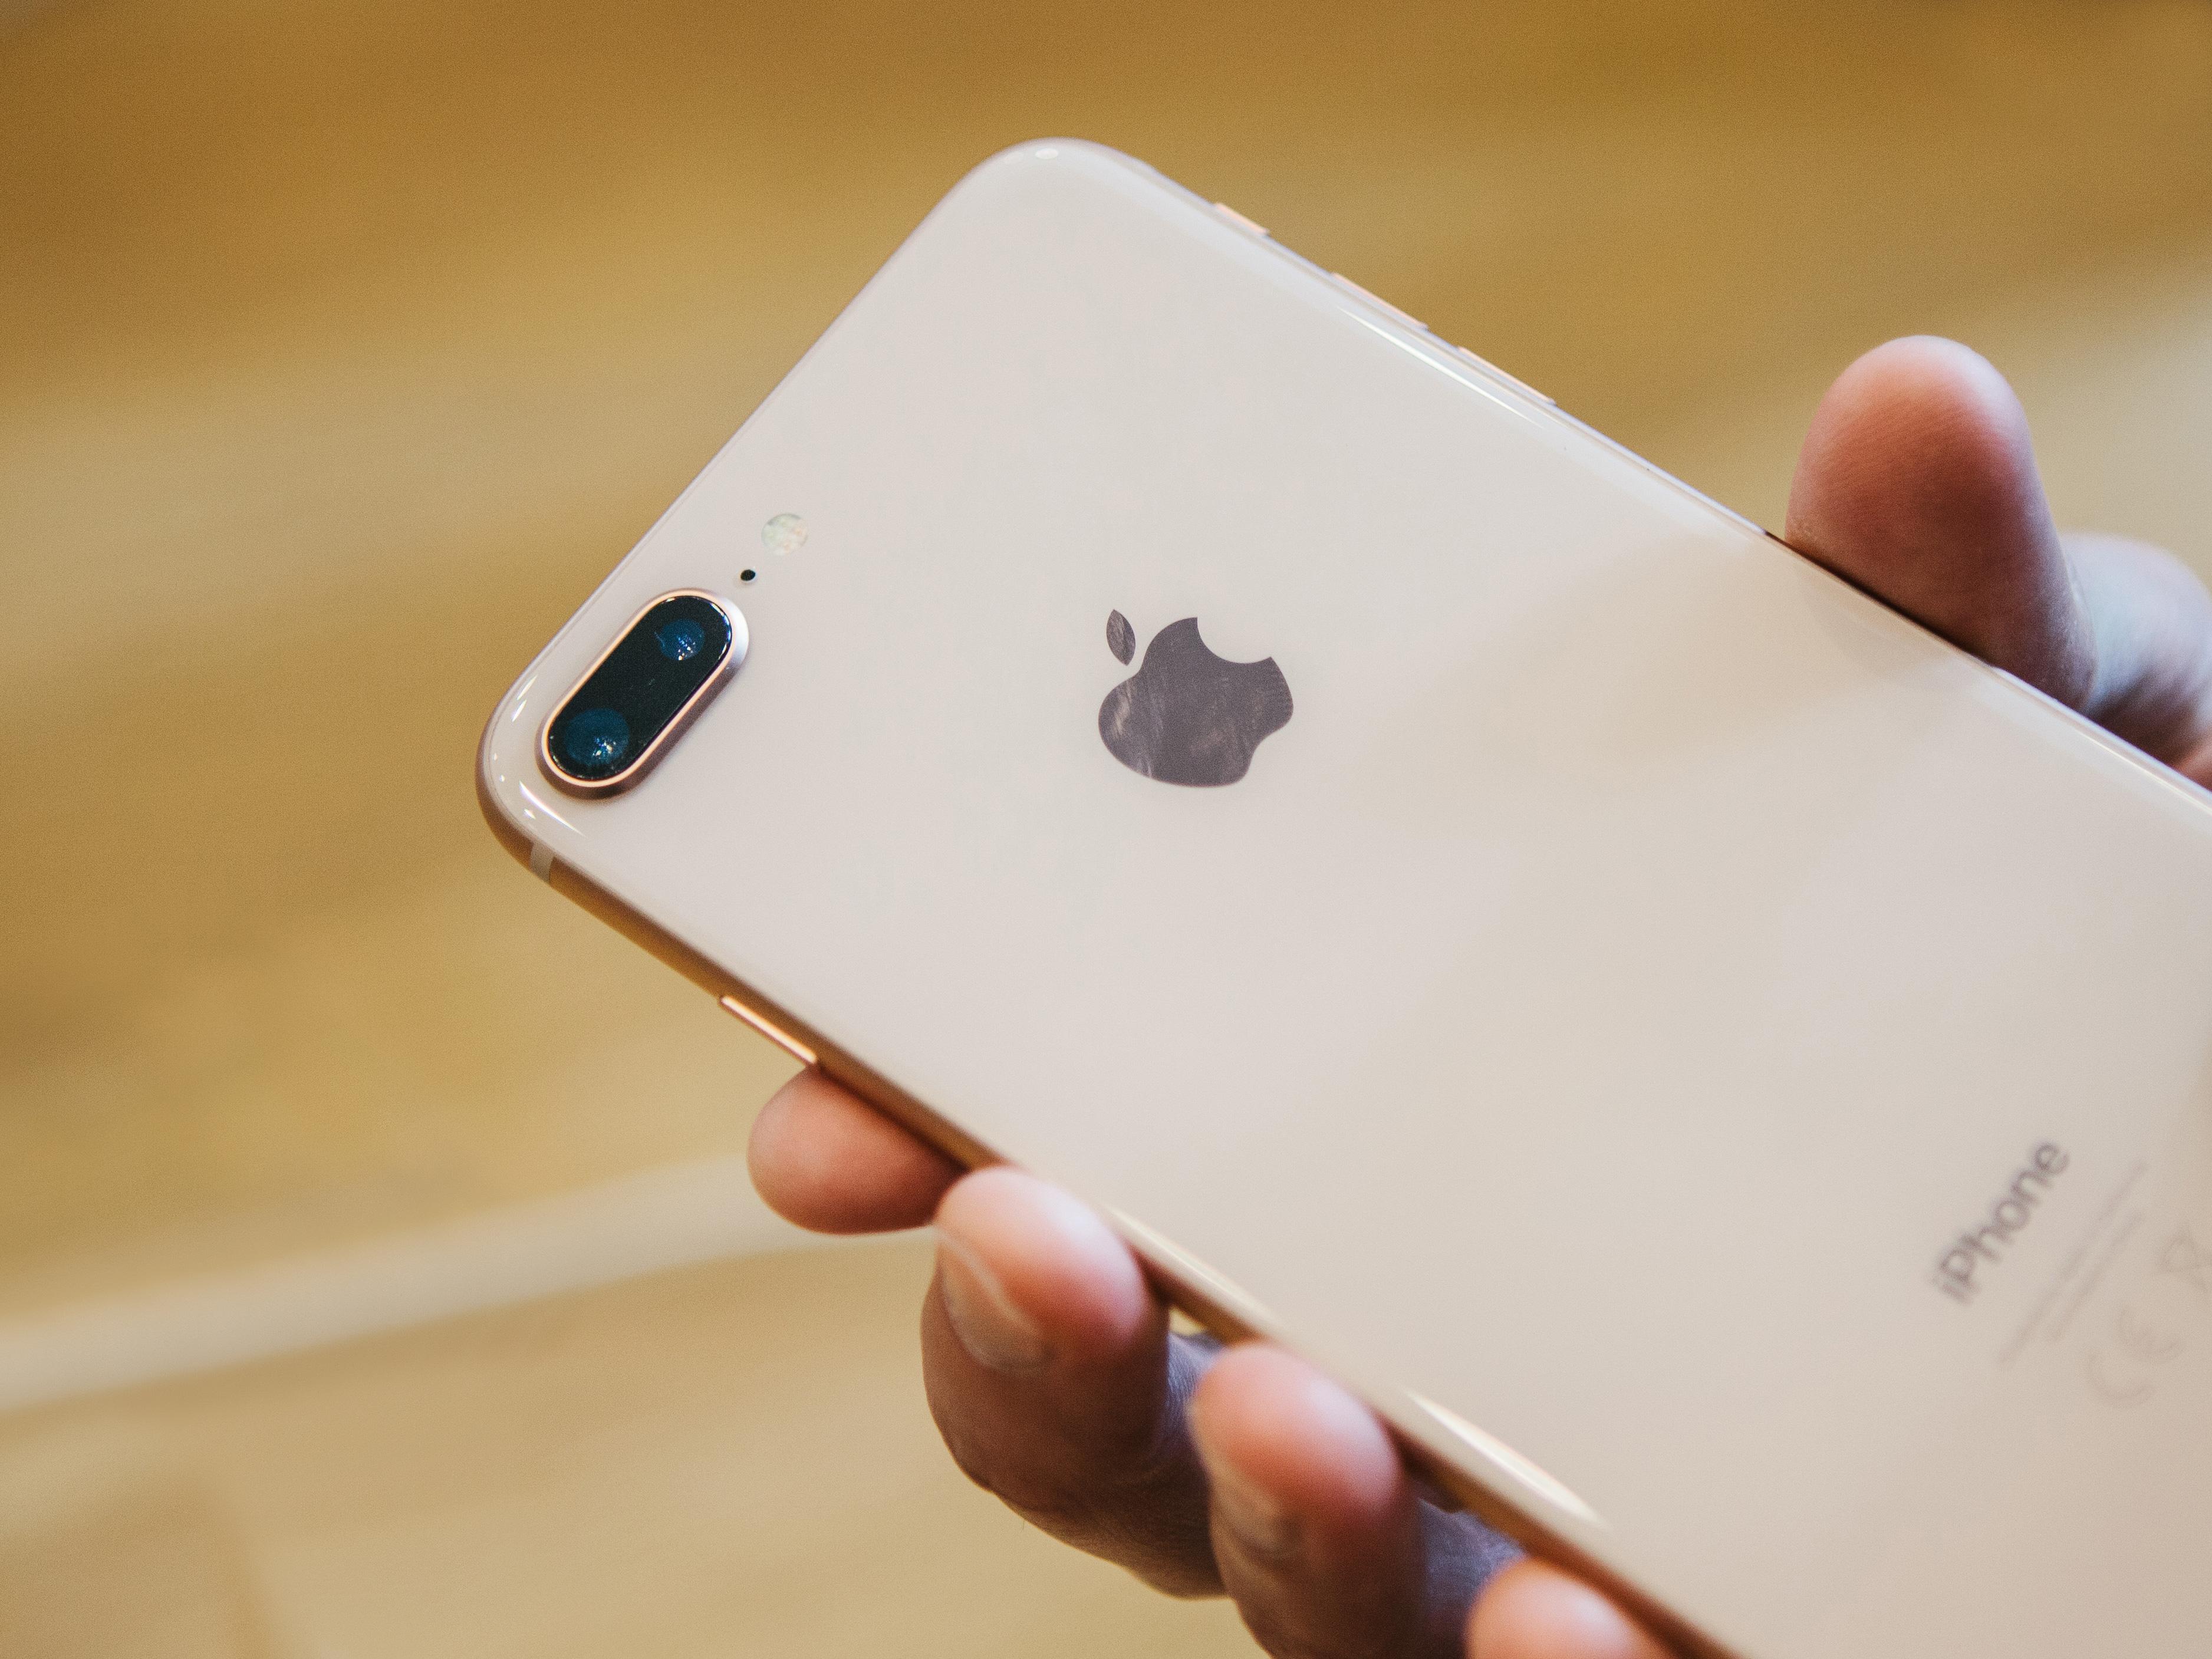 iPhone 8」、なんとiPhone 7より売れていない模様 | ギズモード・ジャパン